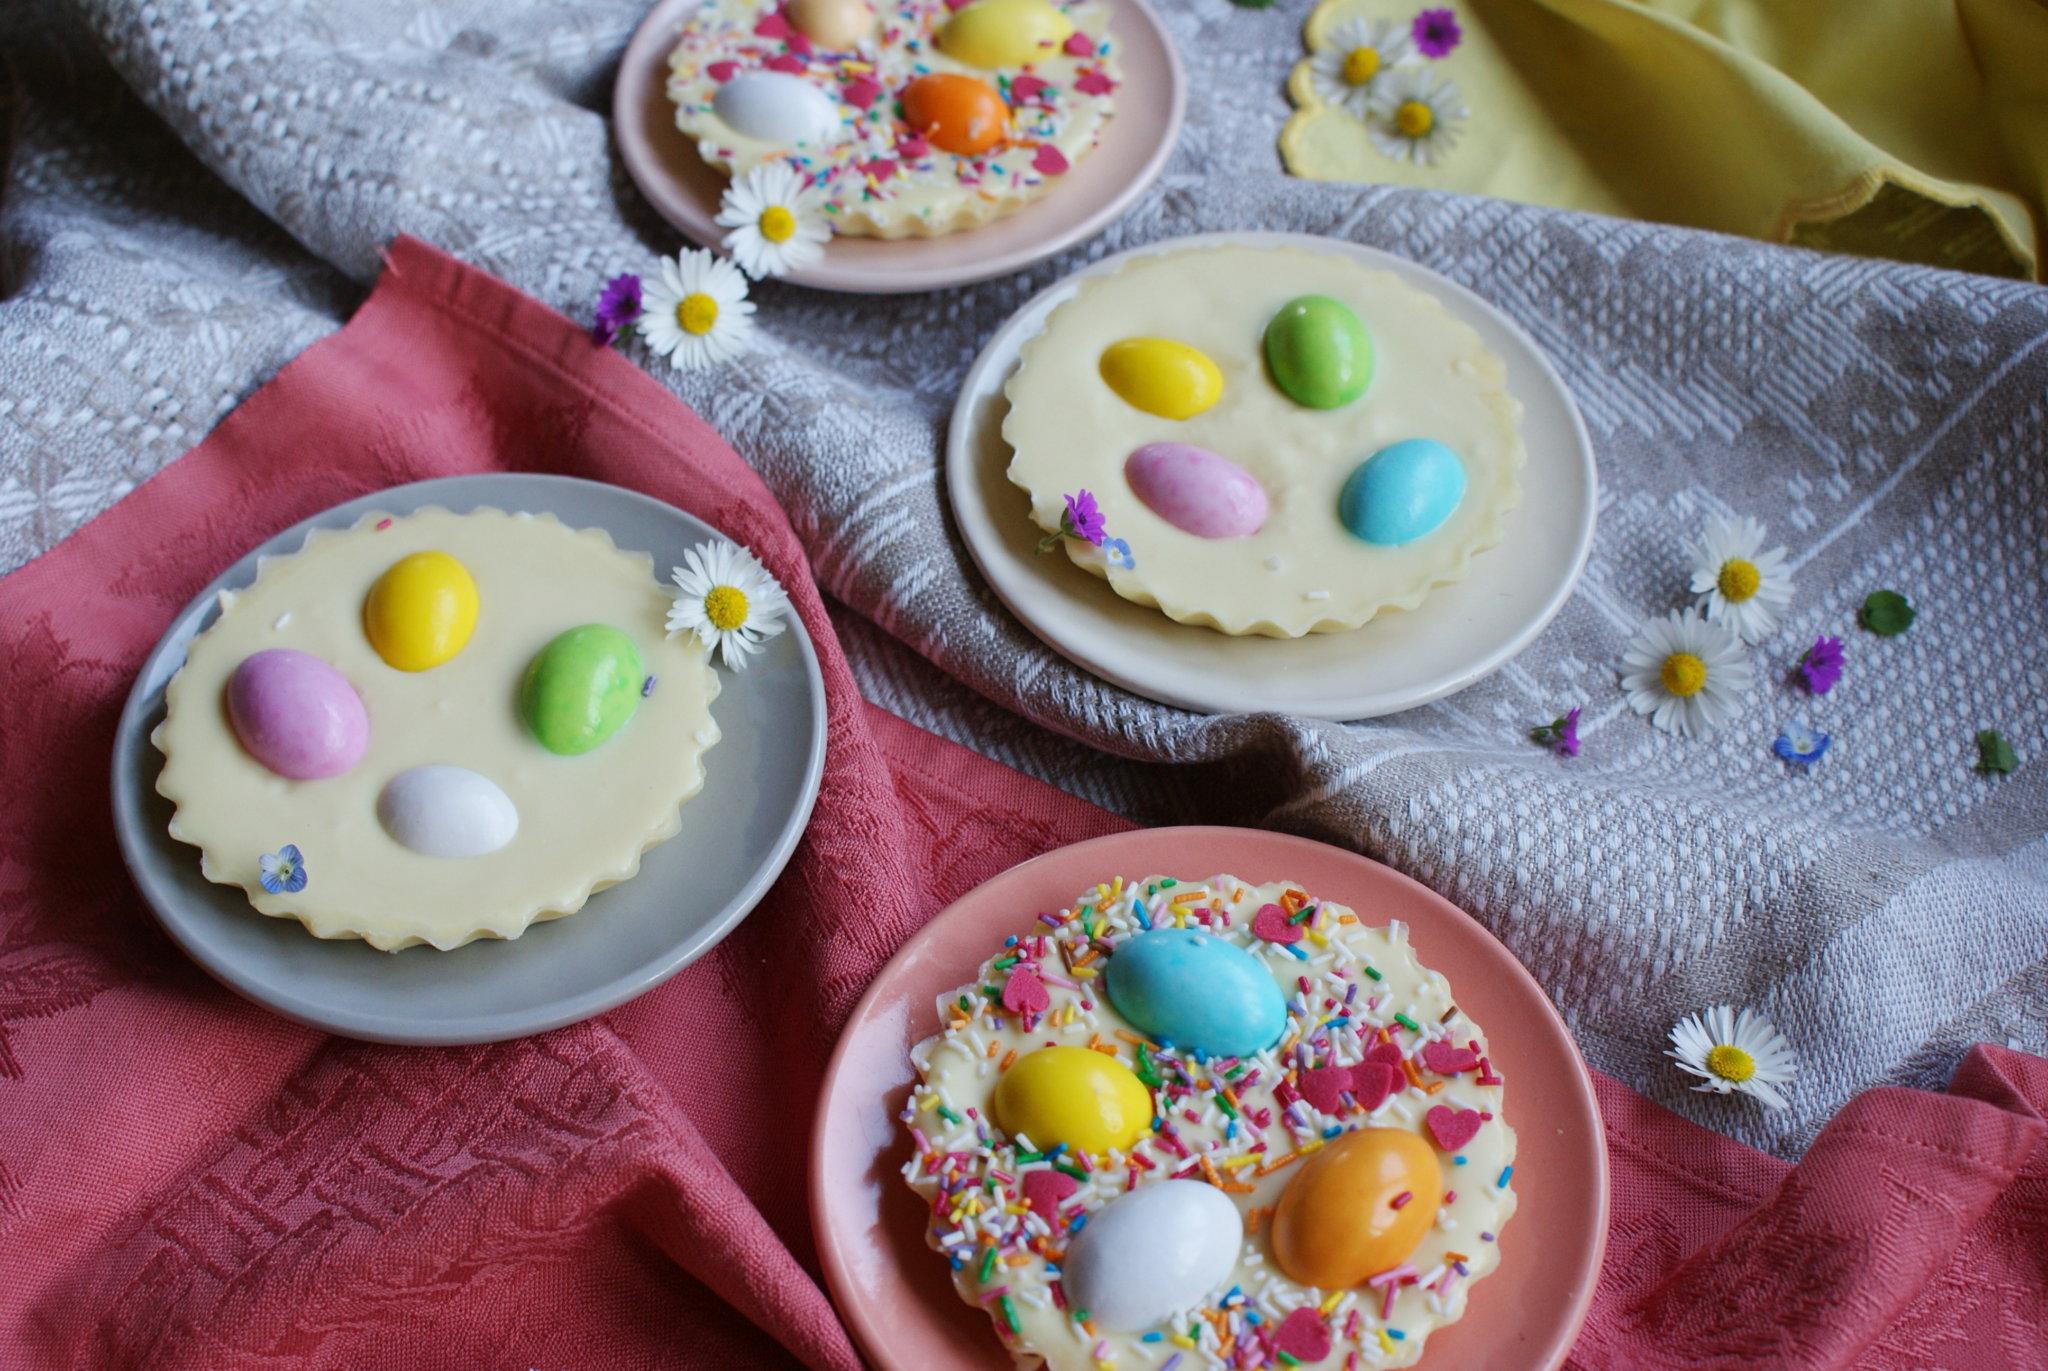 cioccolatini ovetti pasqua colorati ricetta idee